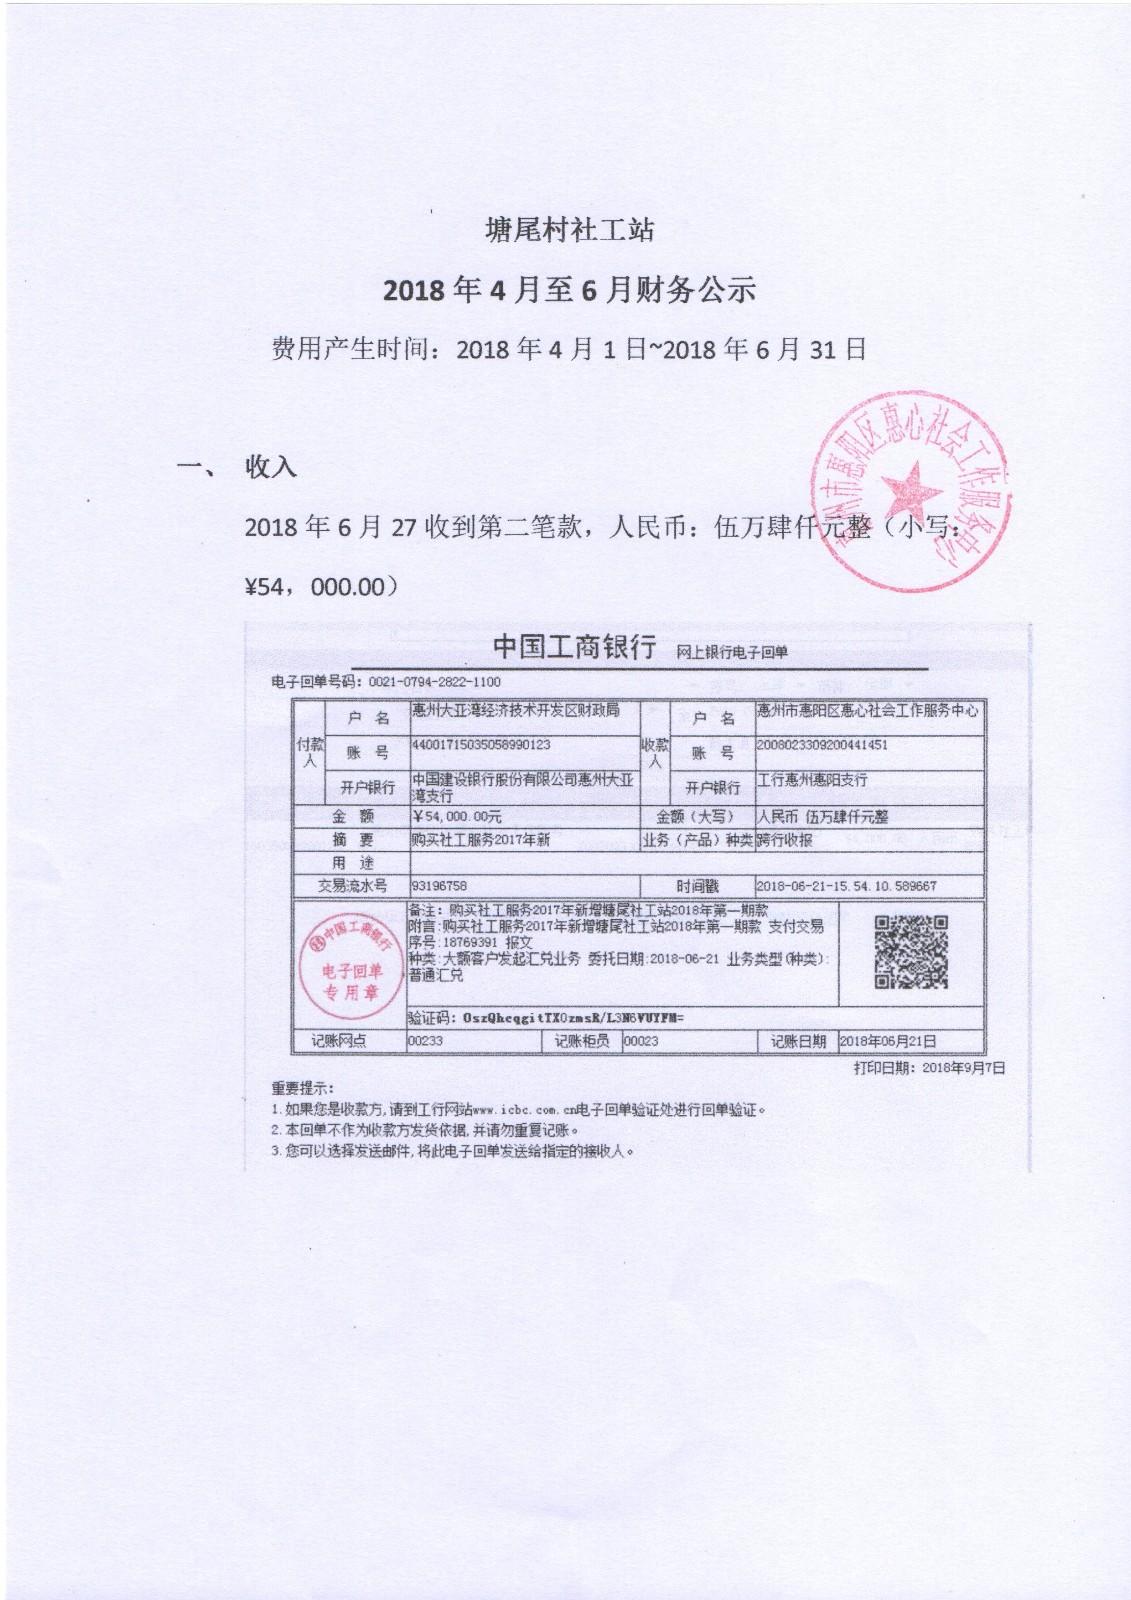 塘尾村社工站2018年4月-6月财务公示|公告栏-网赌ag作弊器|官网